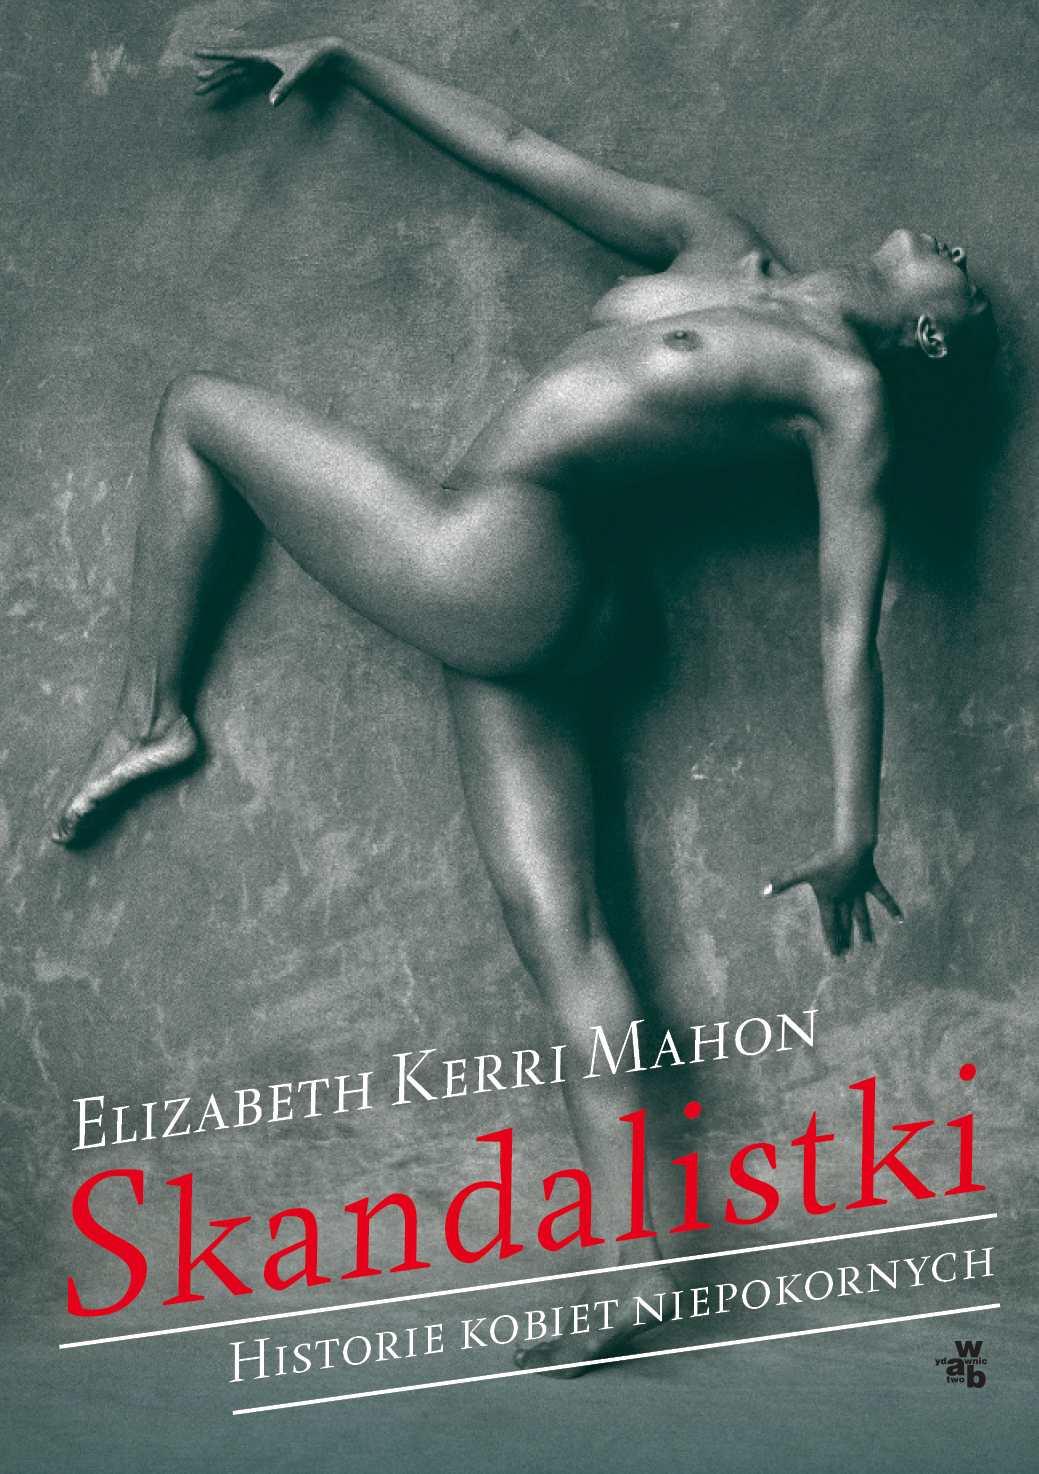 Skandalistki. Historie kobiet niepokornych - Ebook (Książka EPUB) do pobrania w formacie EPUB